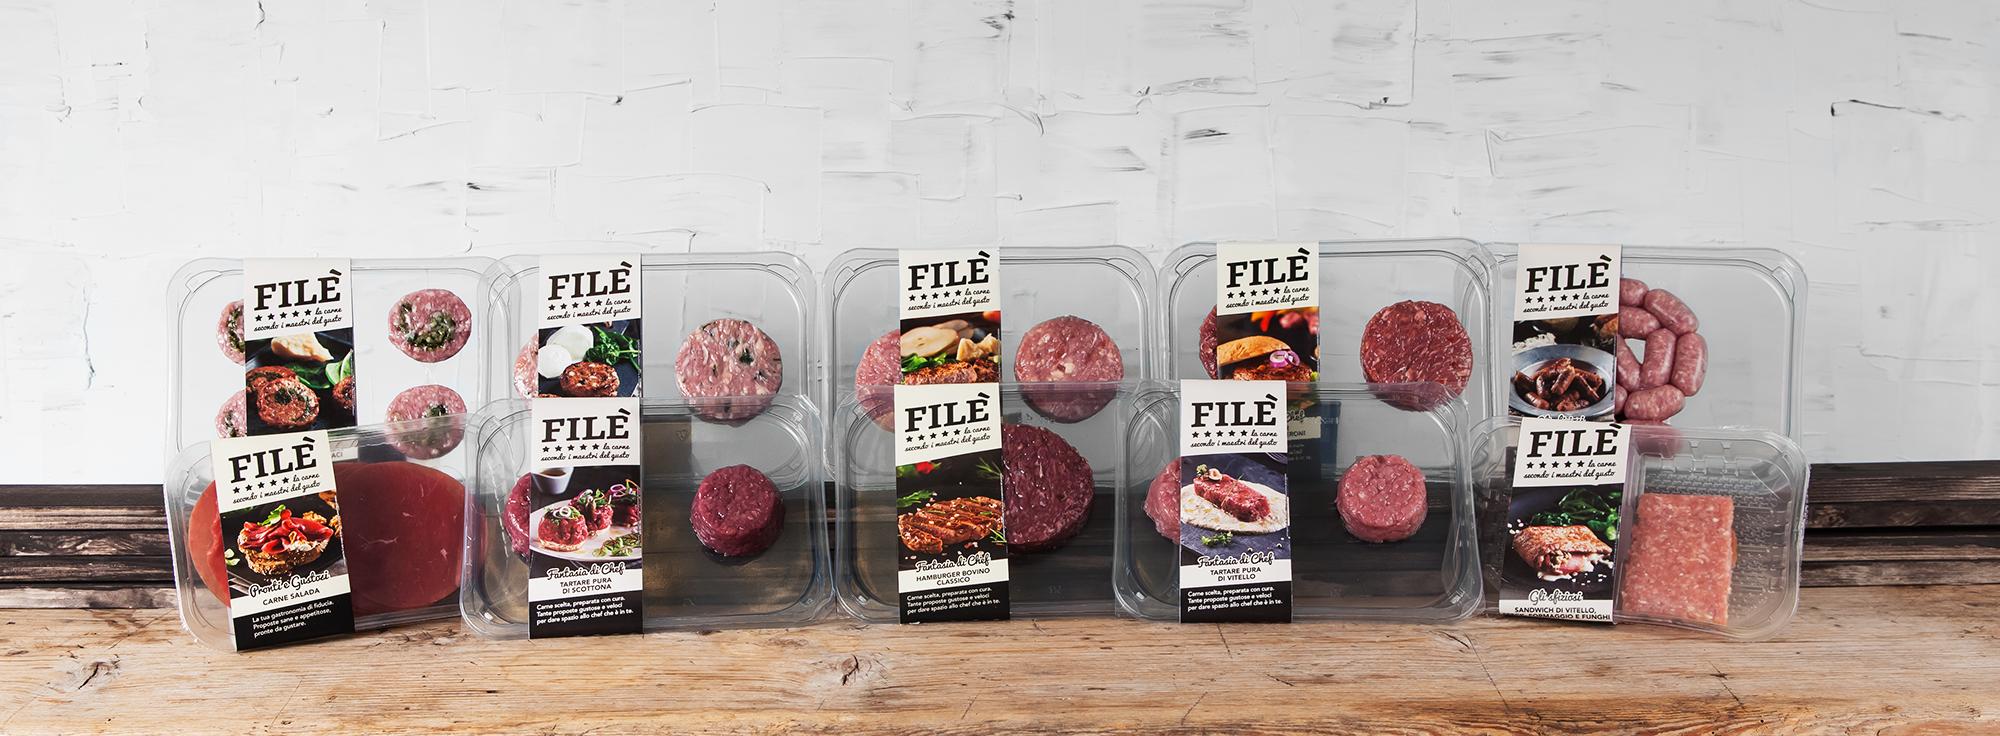 Esempio di packaging per prodotti alimentari a base di carne